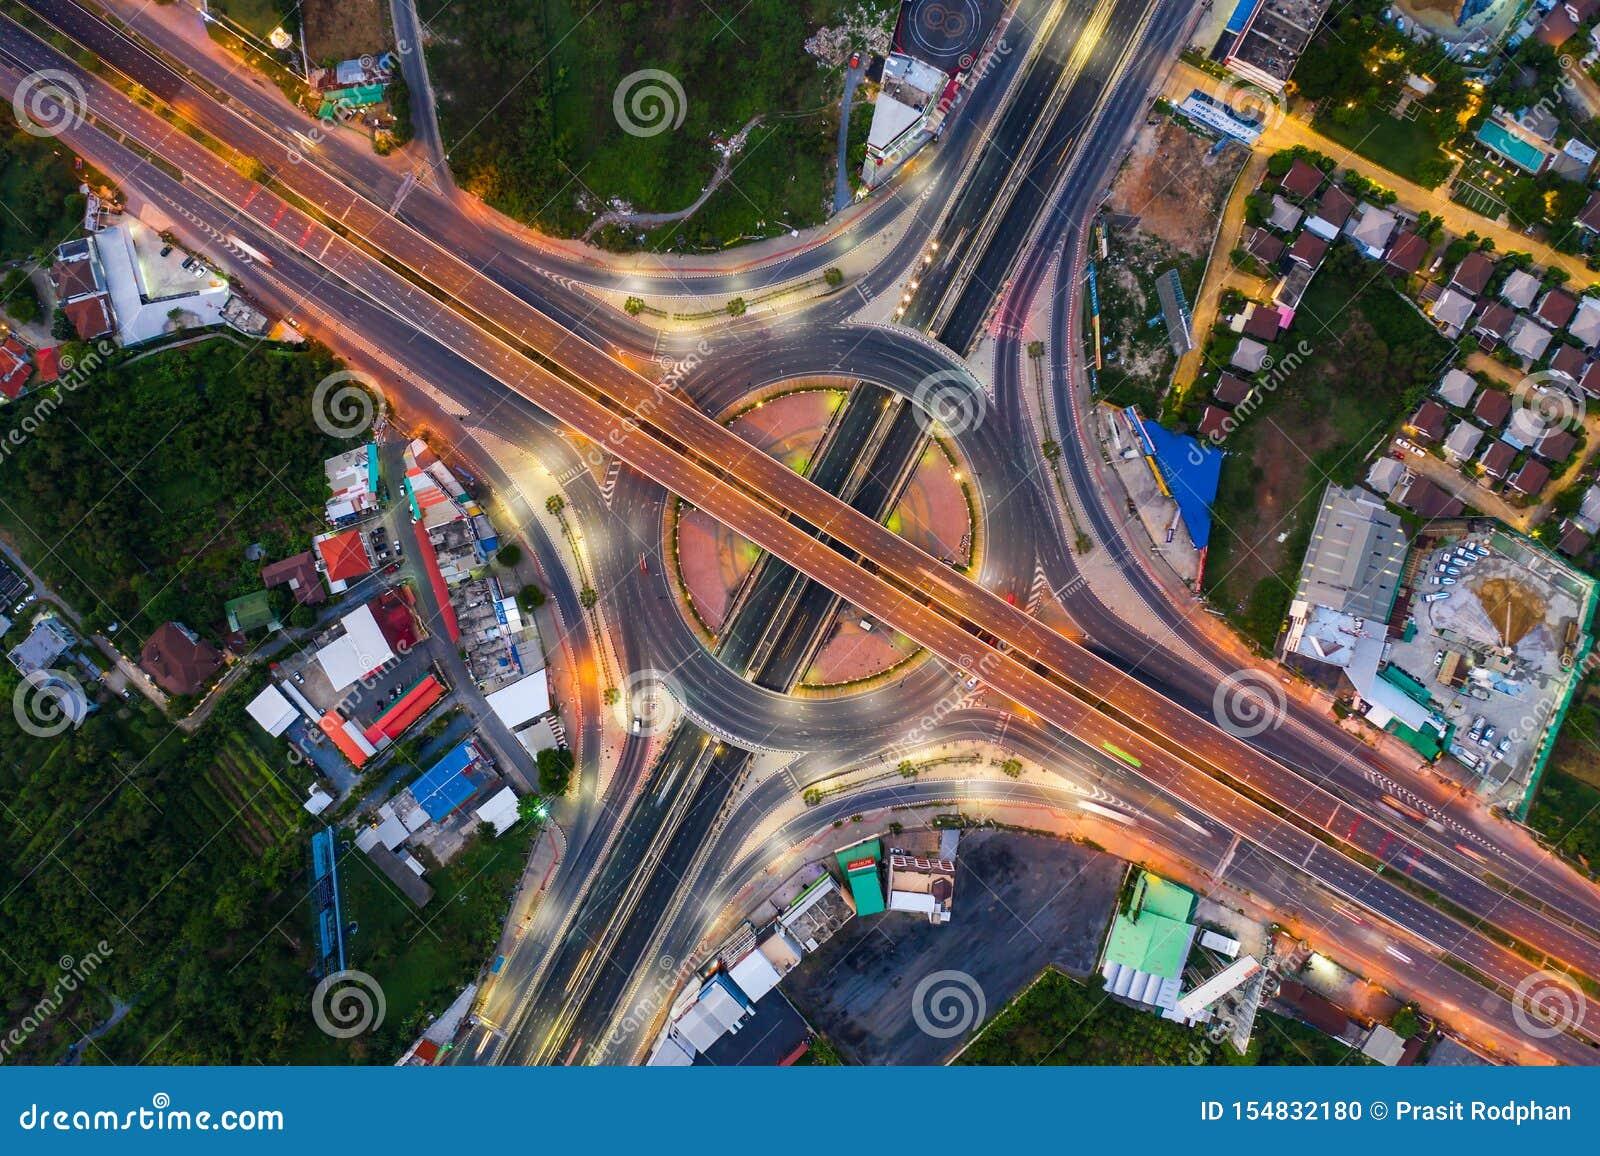 上面鸟瞰图繁忙的高速公路公路交叉点天 相交的高速公路路天桥东部外面环行路